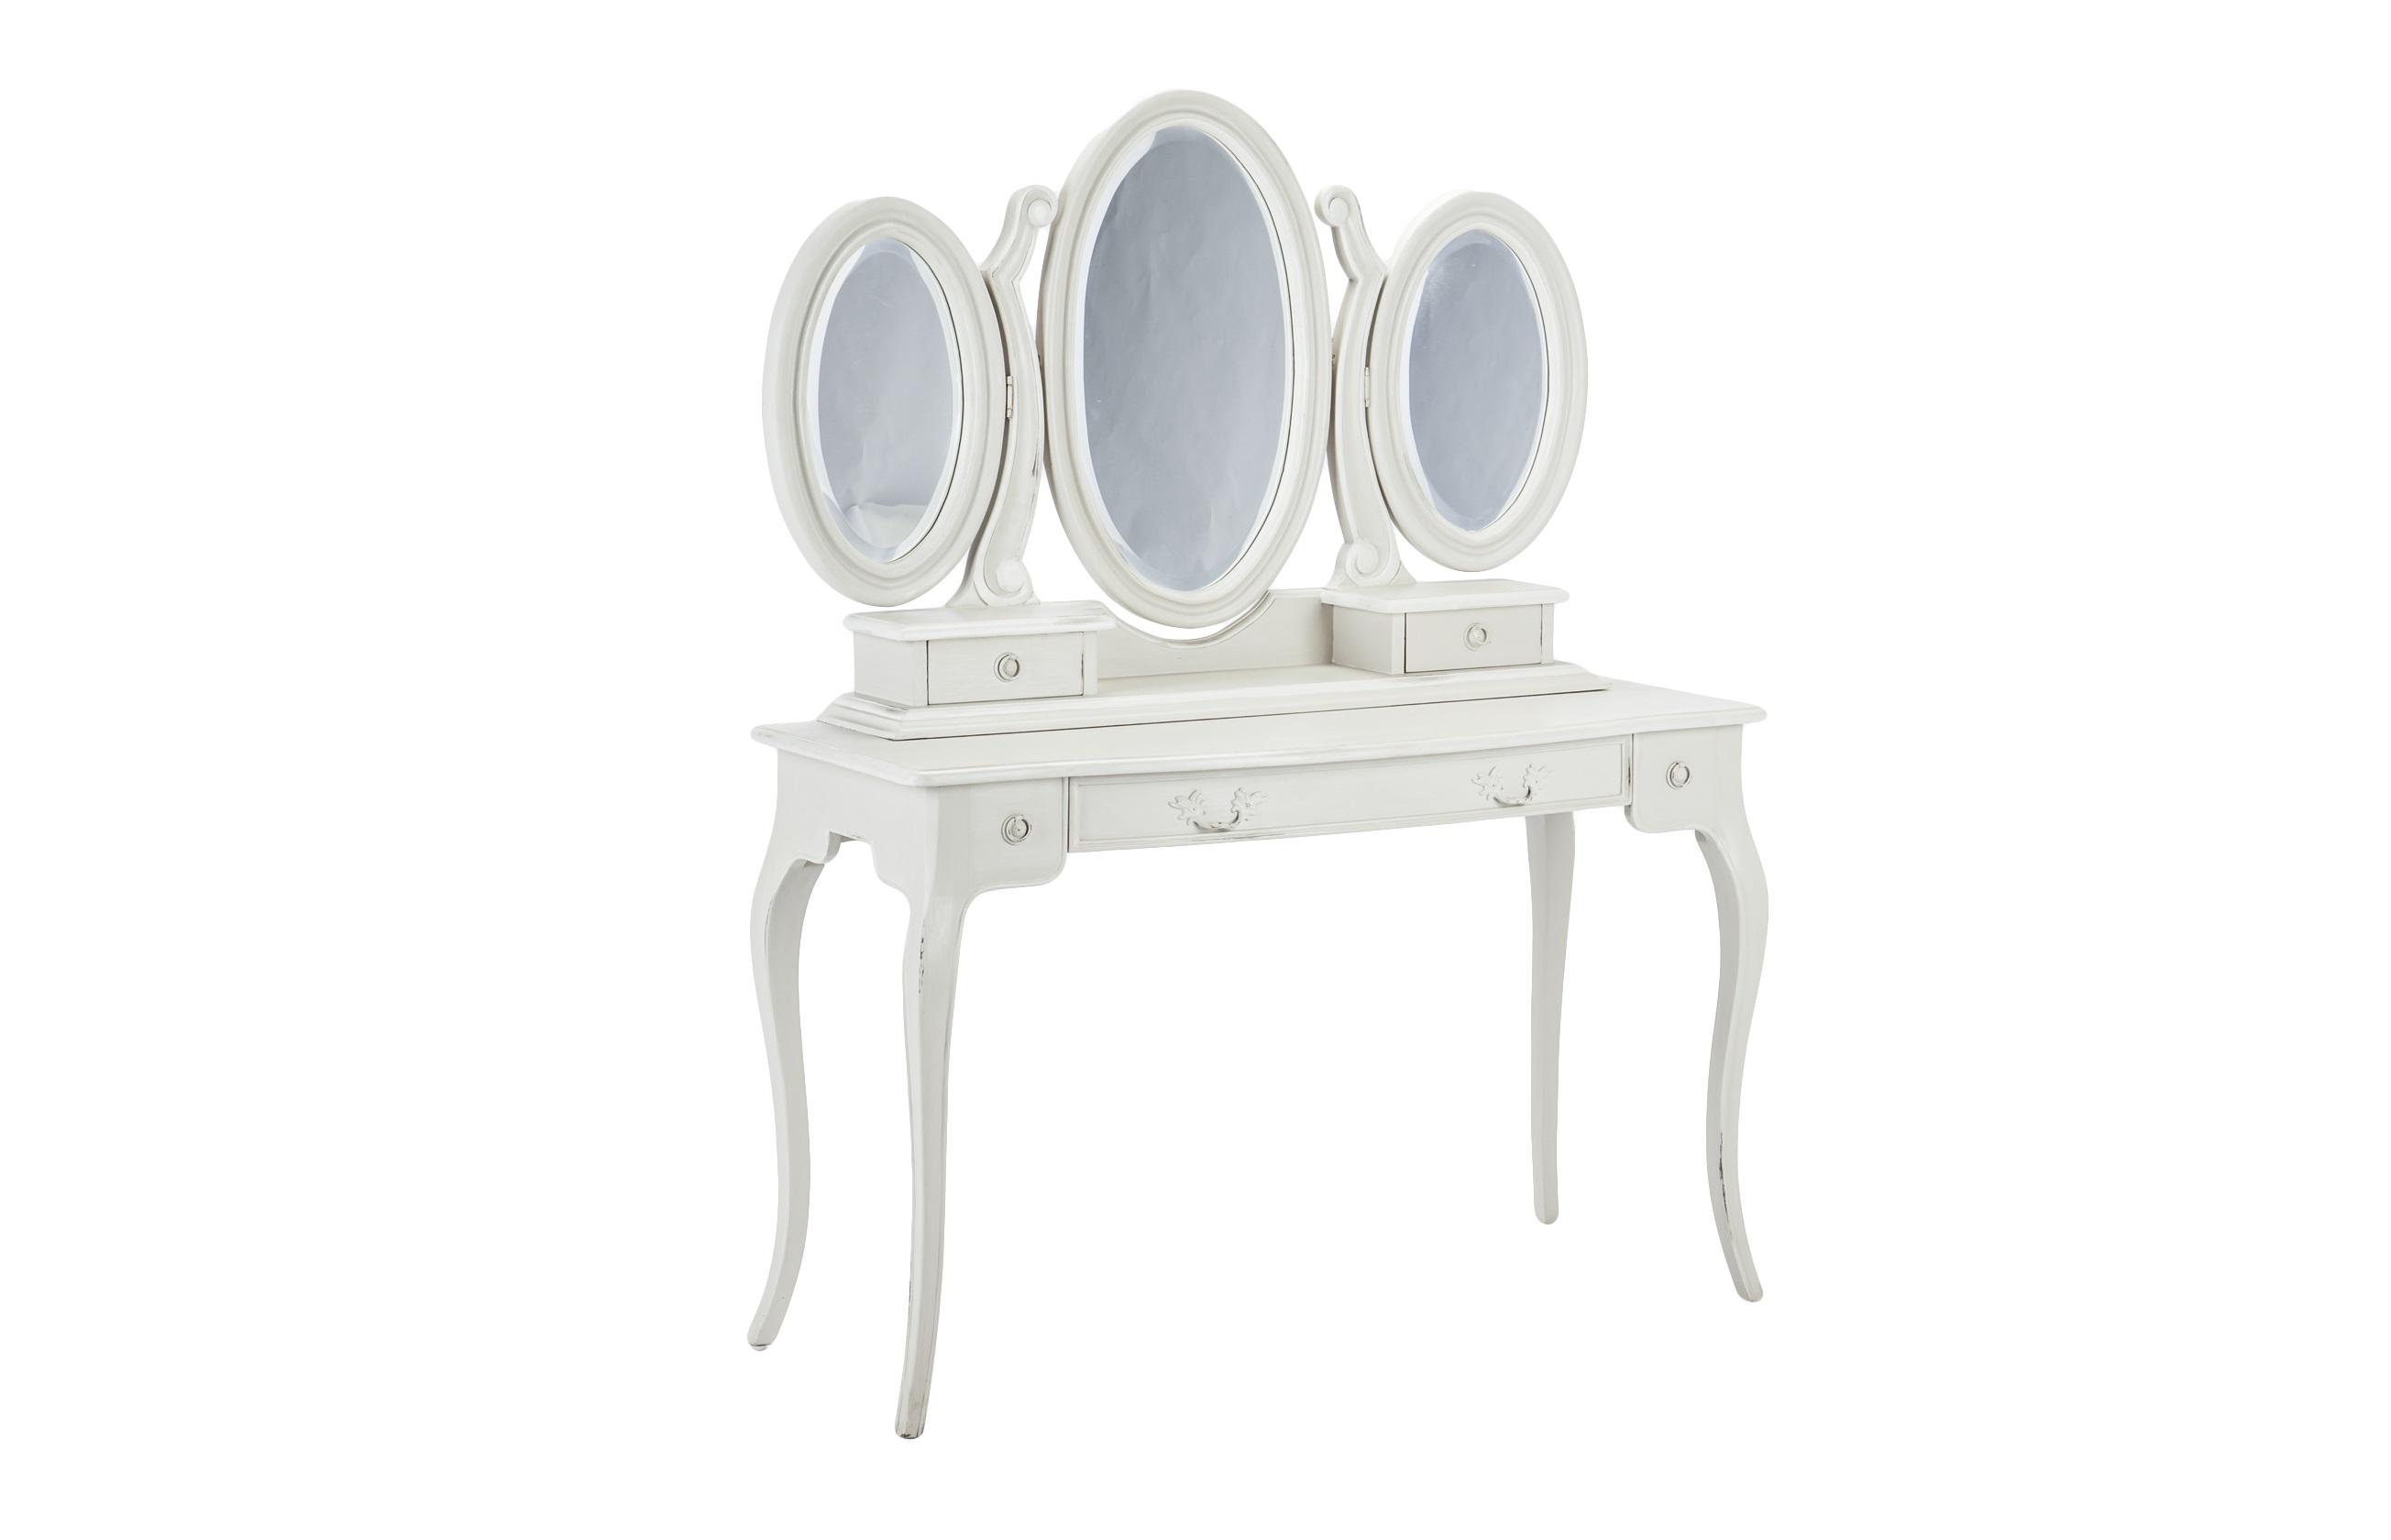 Туалетный стол ВерсальТуалетные столики<br>Изящный туалетный столик со старением. Три зеркала, три выдвижных ящика разных размеров.&amp;lt;div&amp;gt;&amp;lt;br&amp;gt;&amp;lt;/div&amp;gt;&amp;lt;div&amp;gt;Материал: махагони&amp;lt;br&amp;gt;&amp;lt;/div&amp;gt;<br><br>Material: Красное дерево<br>Width см: 120<br>Depth см: 47<br>Height см: 152